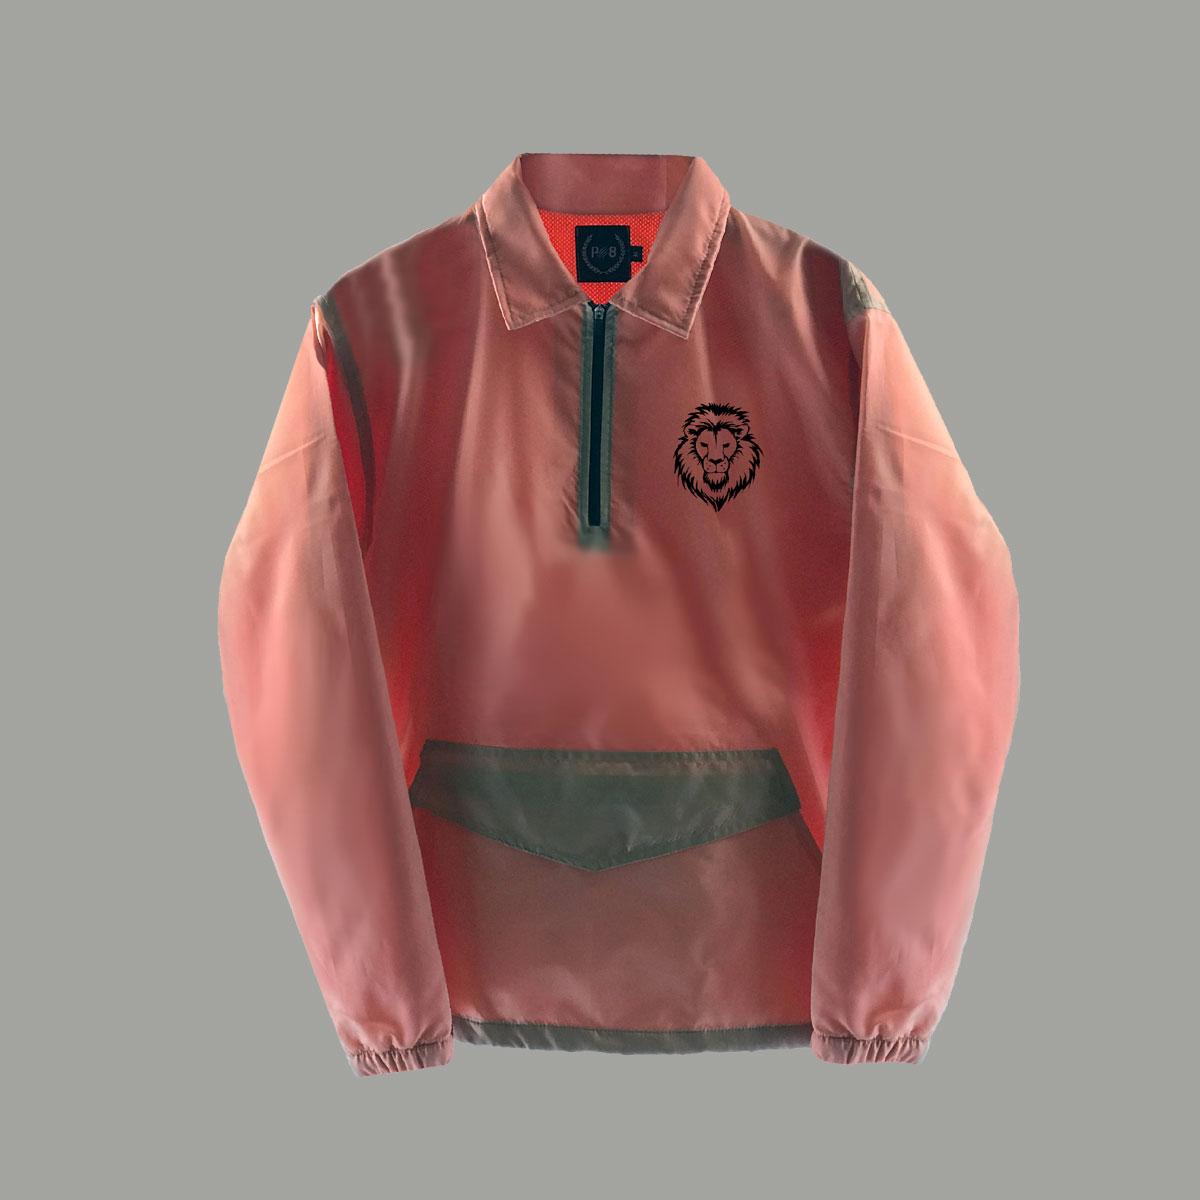 Lion Waterproof Jacket - Beige